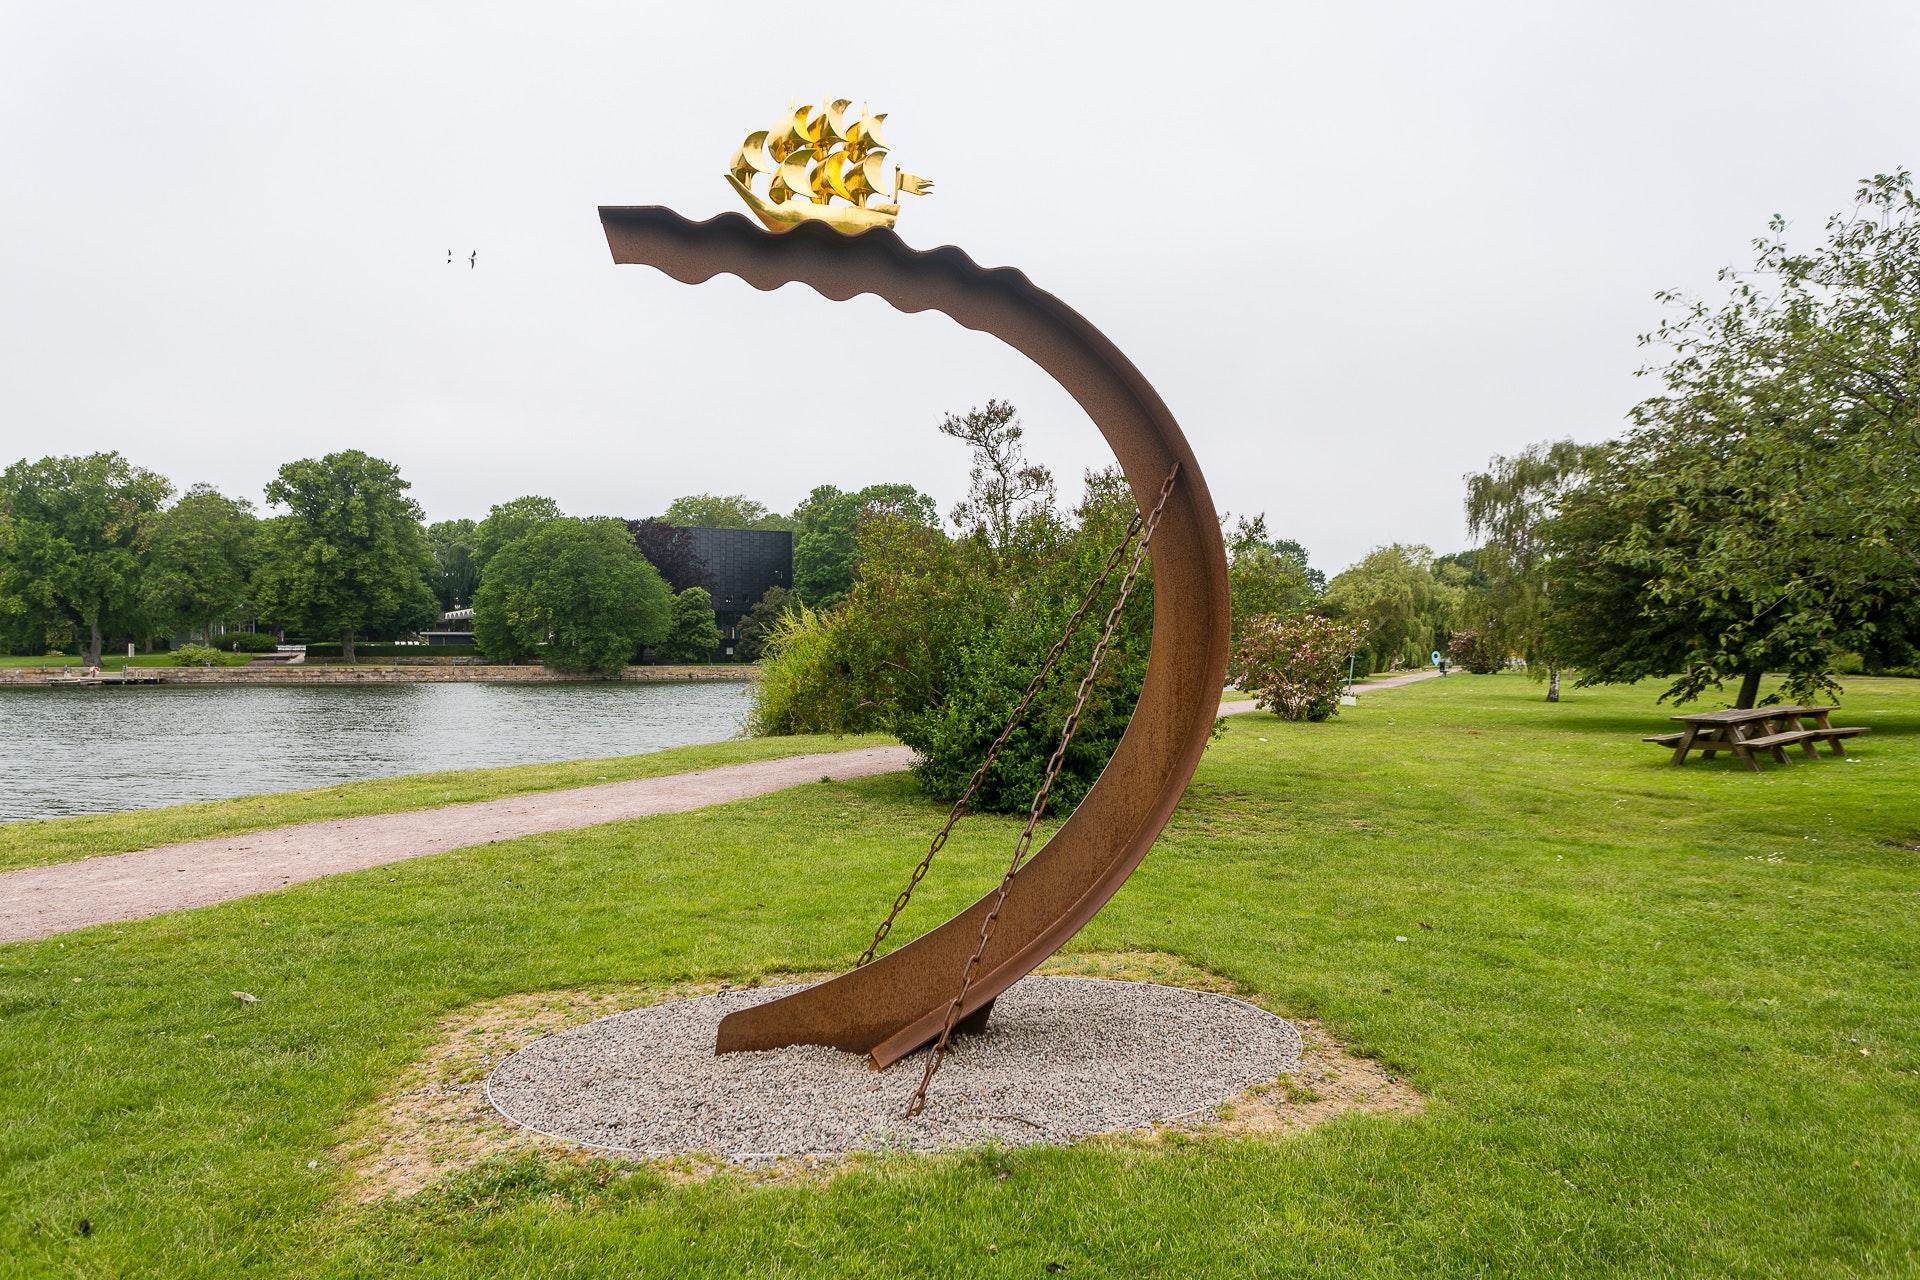 Kalmar Nyckel Minnesmärke